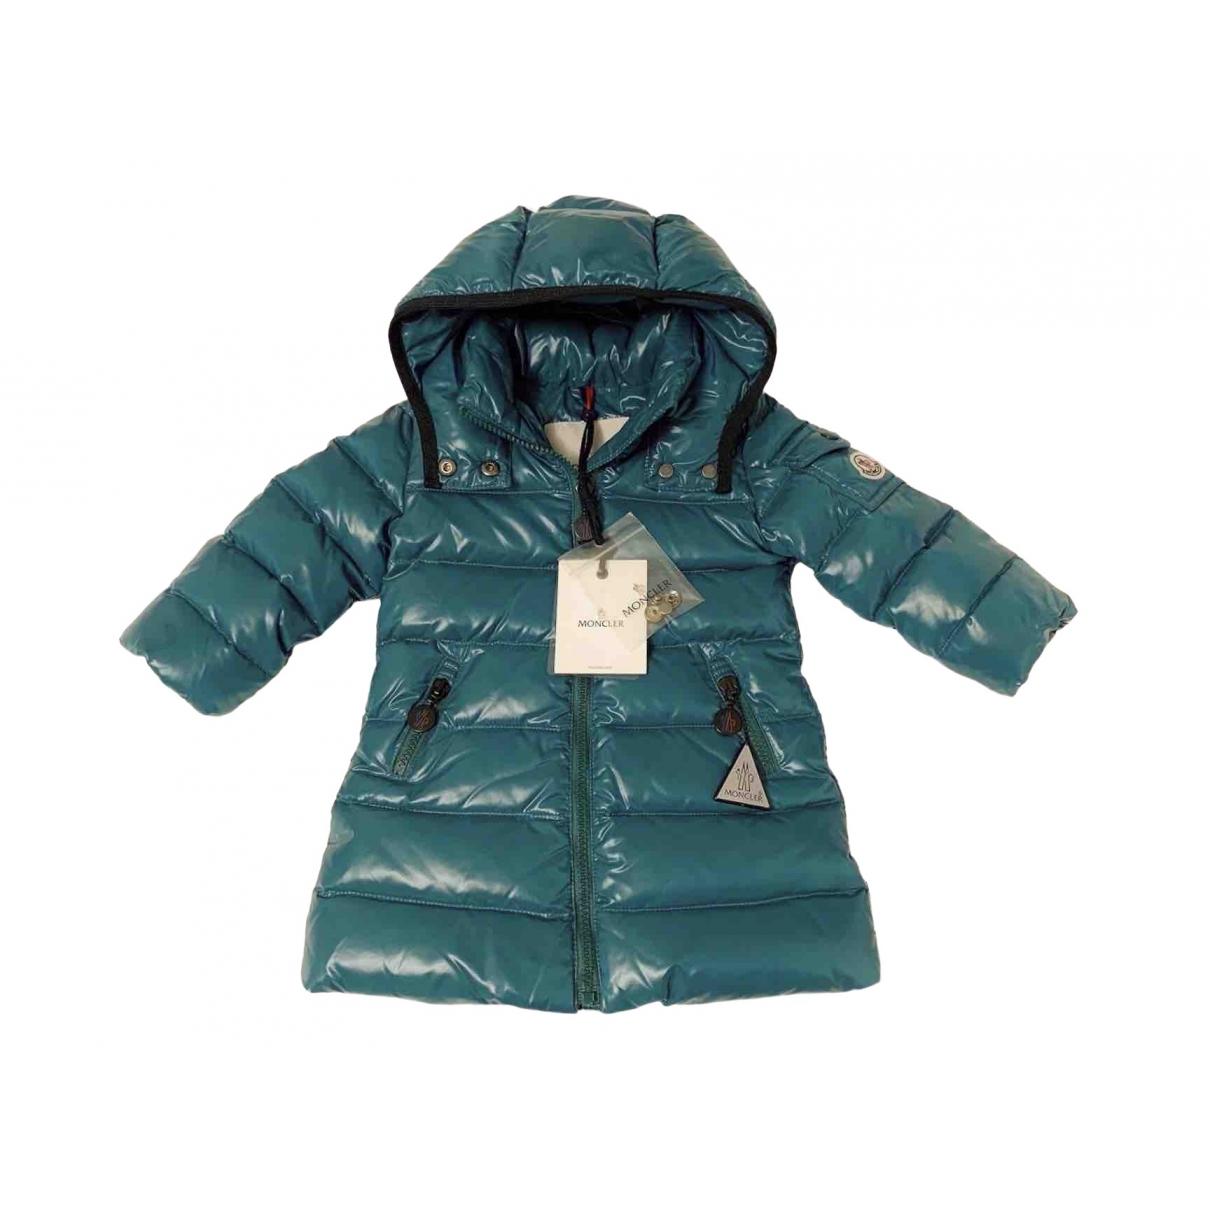 Moncler - Blousons.Manteaux Long pour enfant - vert